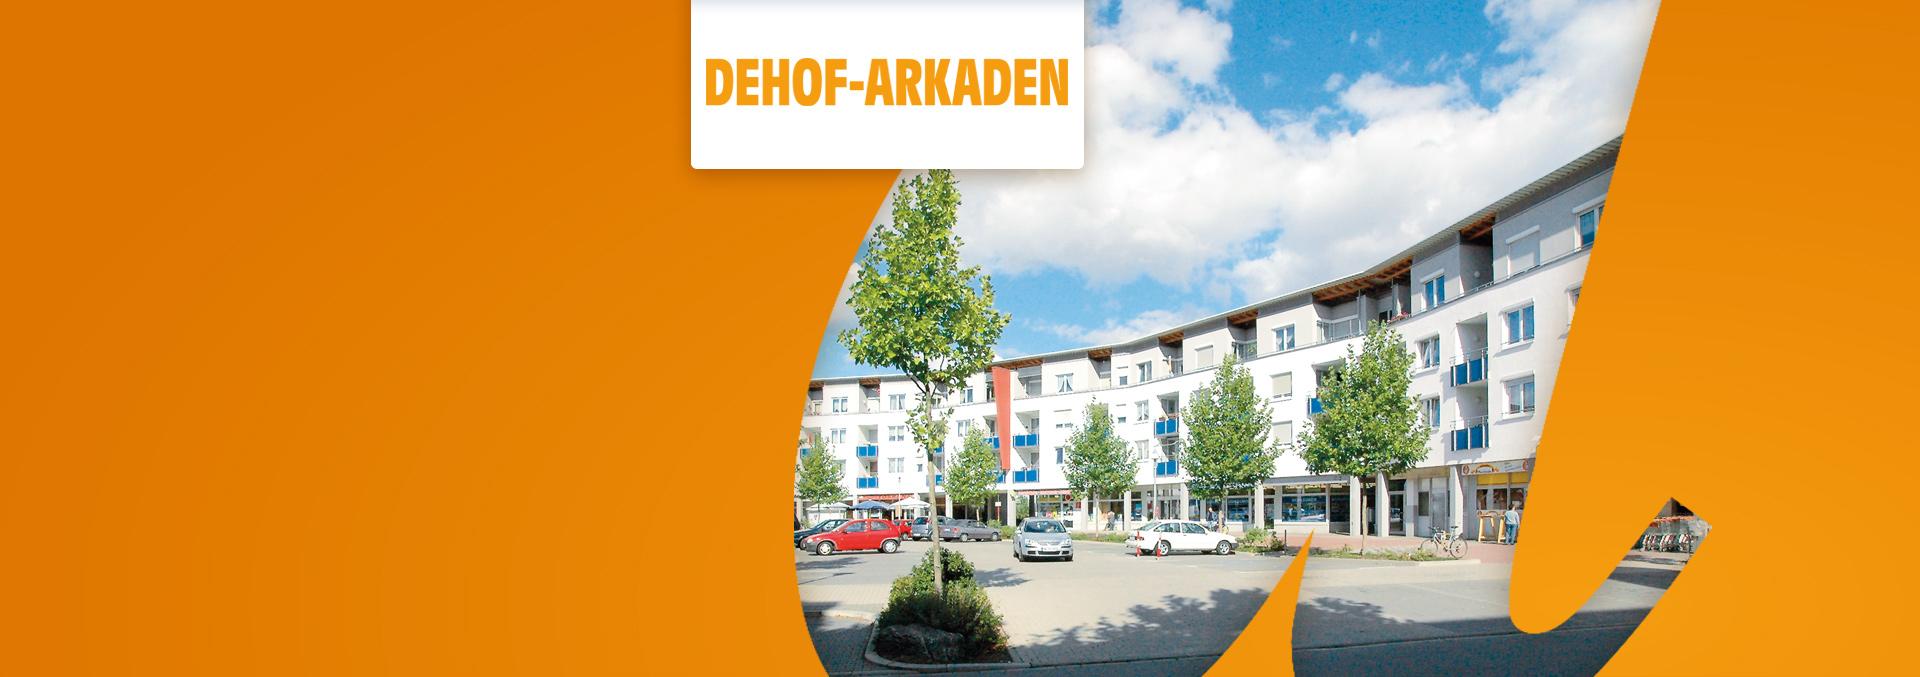 Service-Wohnanlage DEHOF-ARKADEN von außen, vierstöckige Gebäude rund um einen großen Parkplatz gebaut, im Erdgeschoss sind Geschäfte untergebracht.